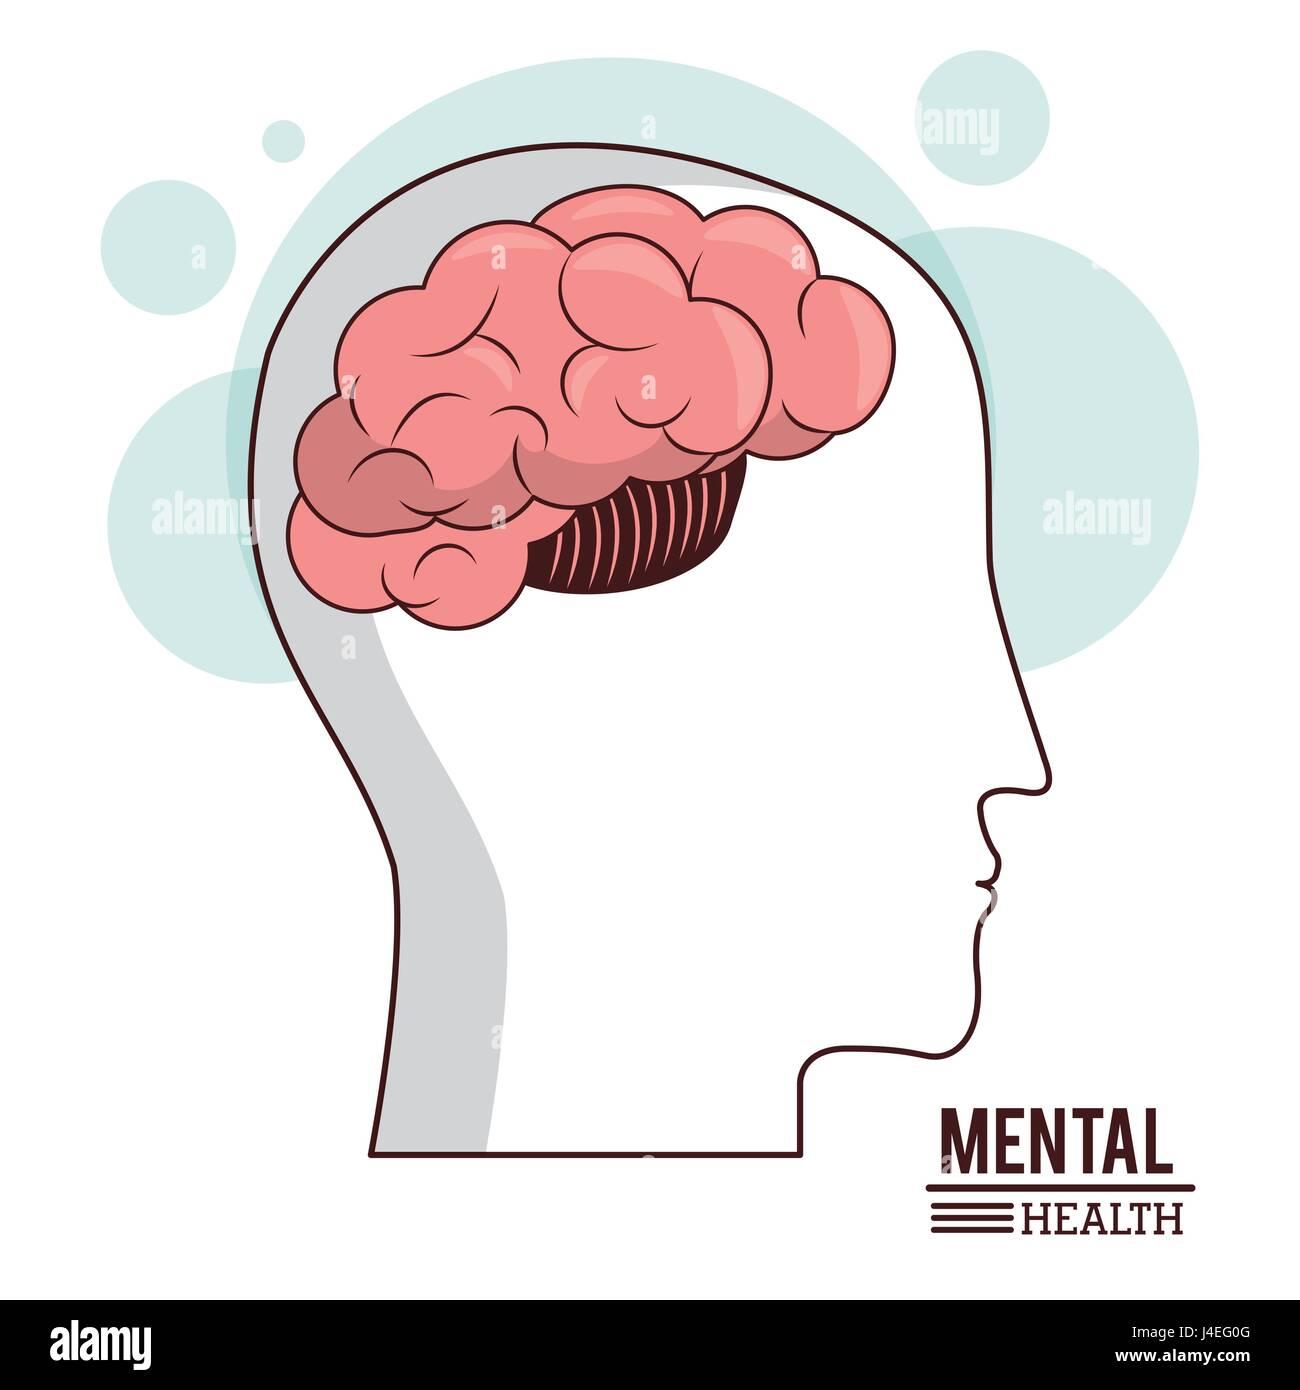 La salud mental, la cabeza humana cerebro healthcare medical concepto Imagen De Stock